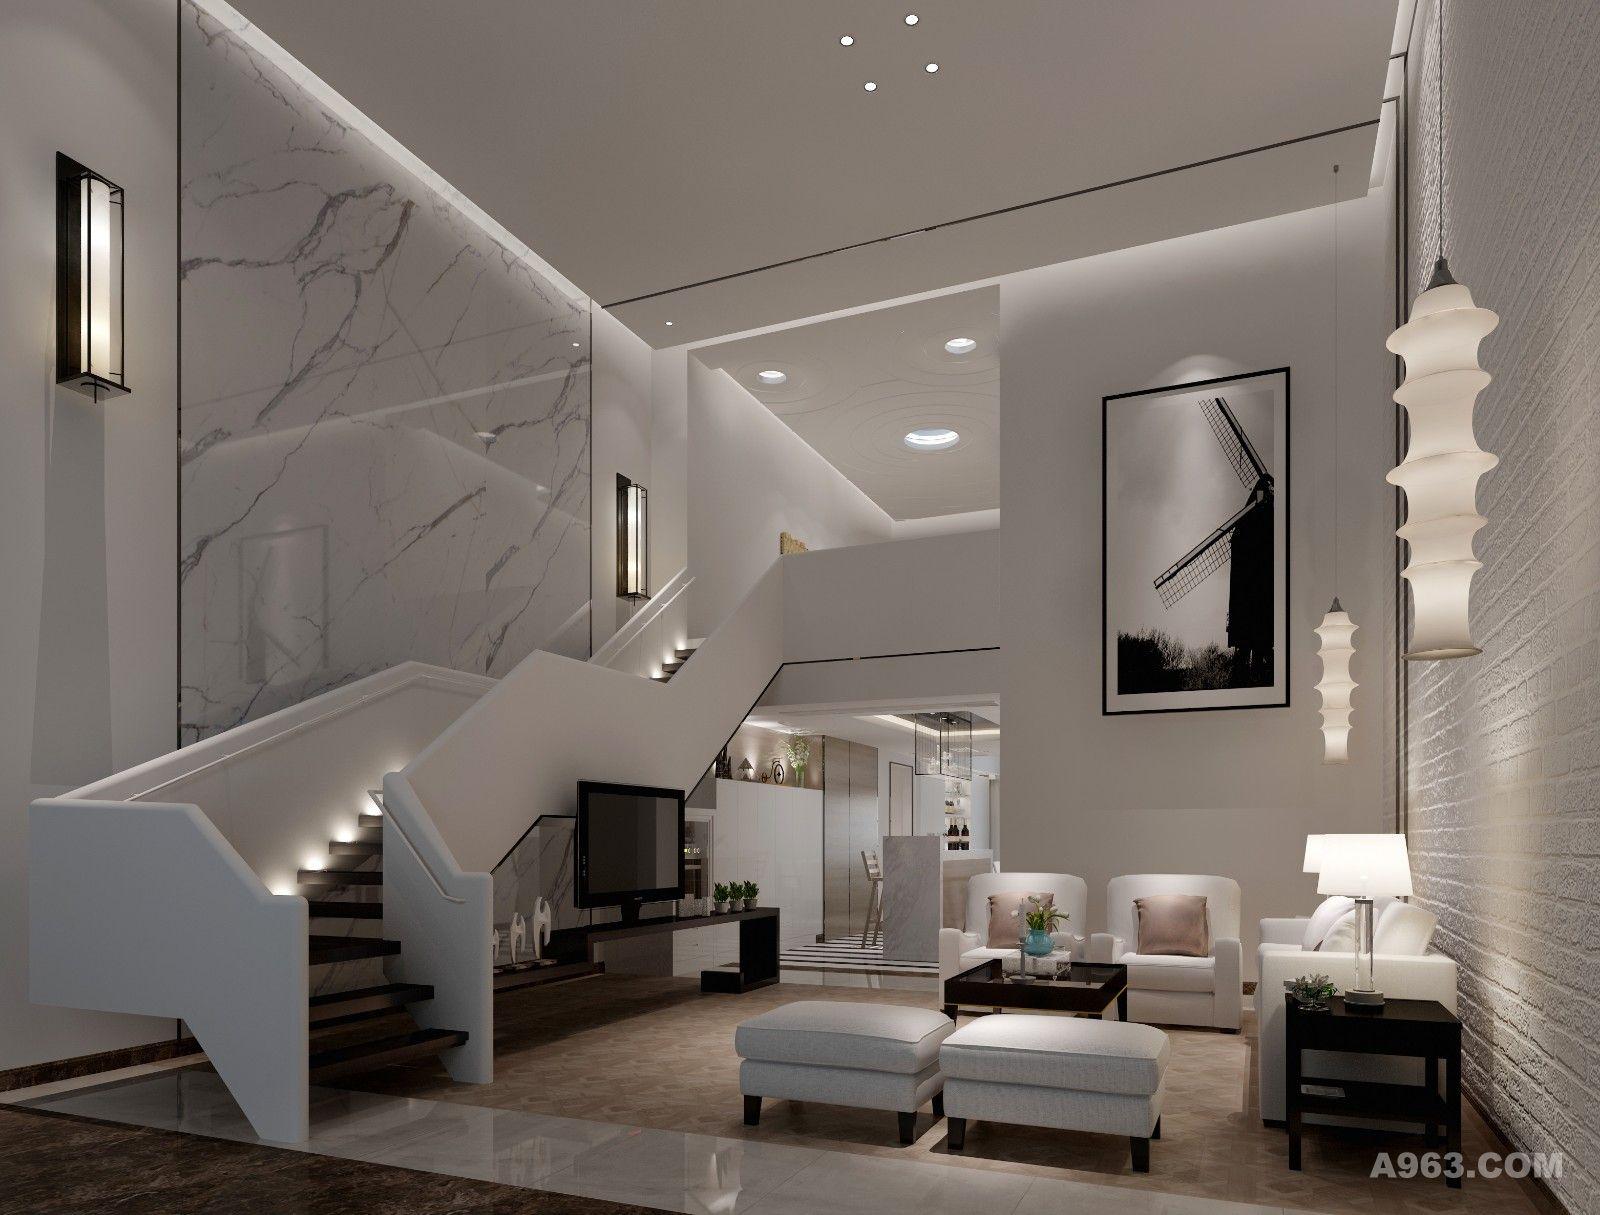 天然的石材温和自然,敞亮的设计使客厅充满阳光的气息,为房子融入更多的生活风雅。